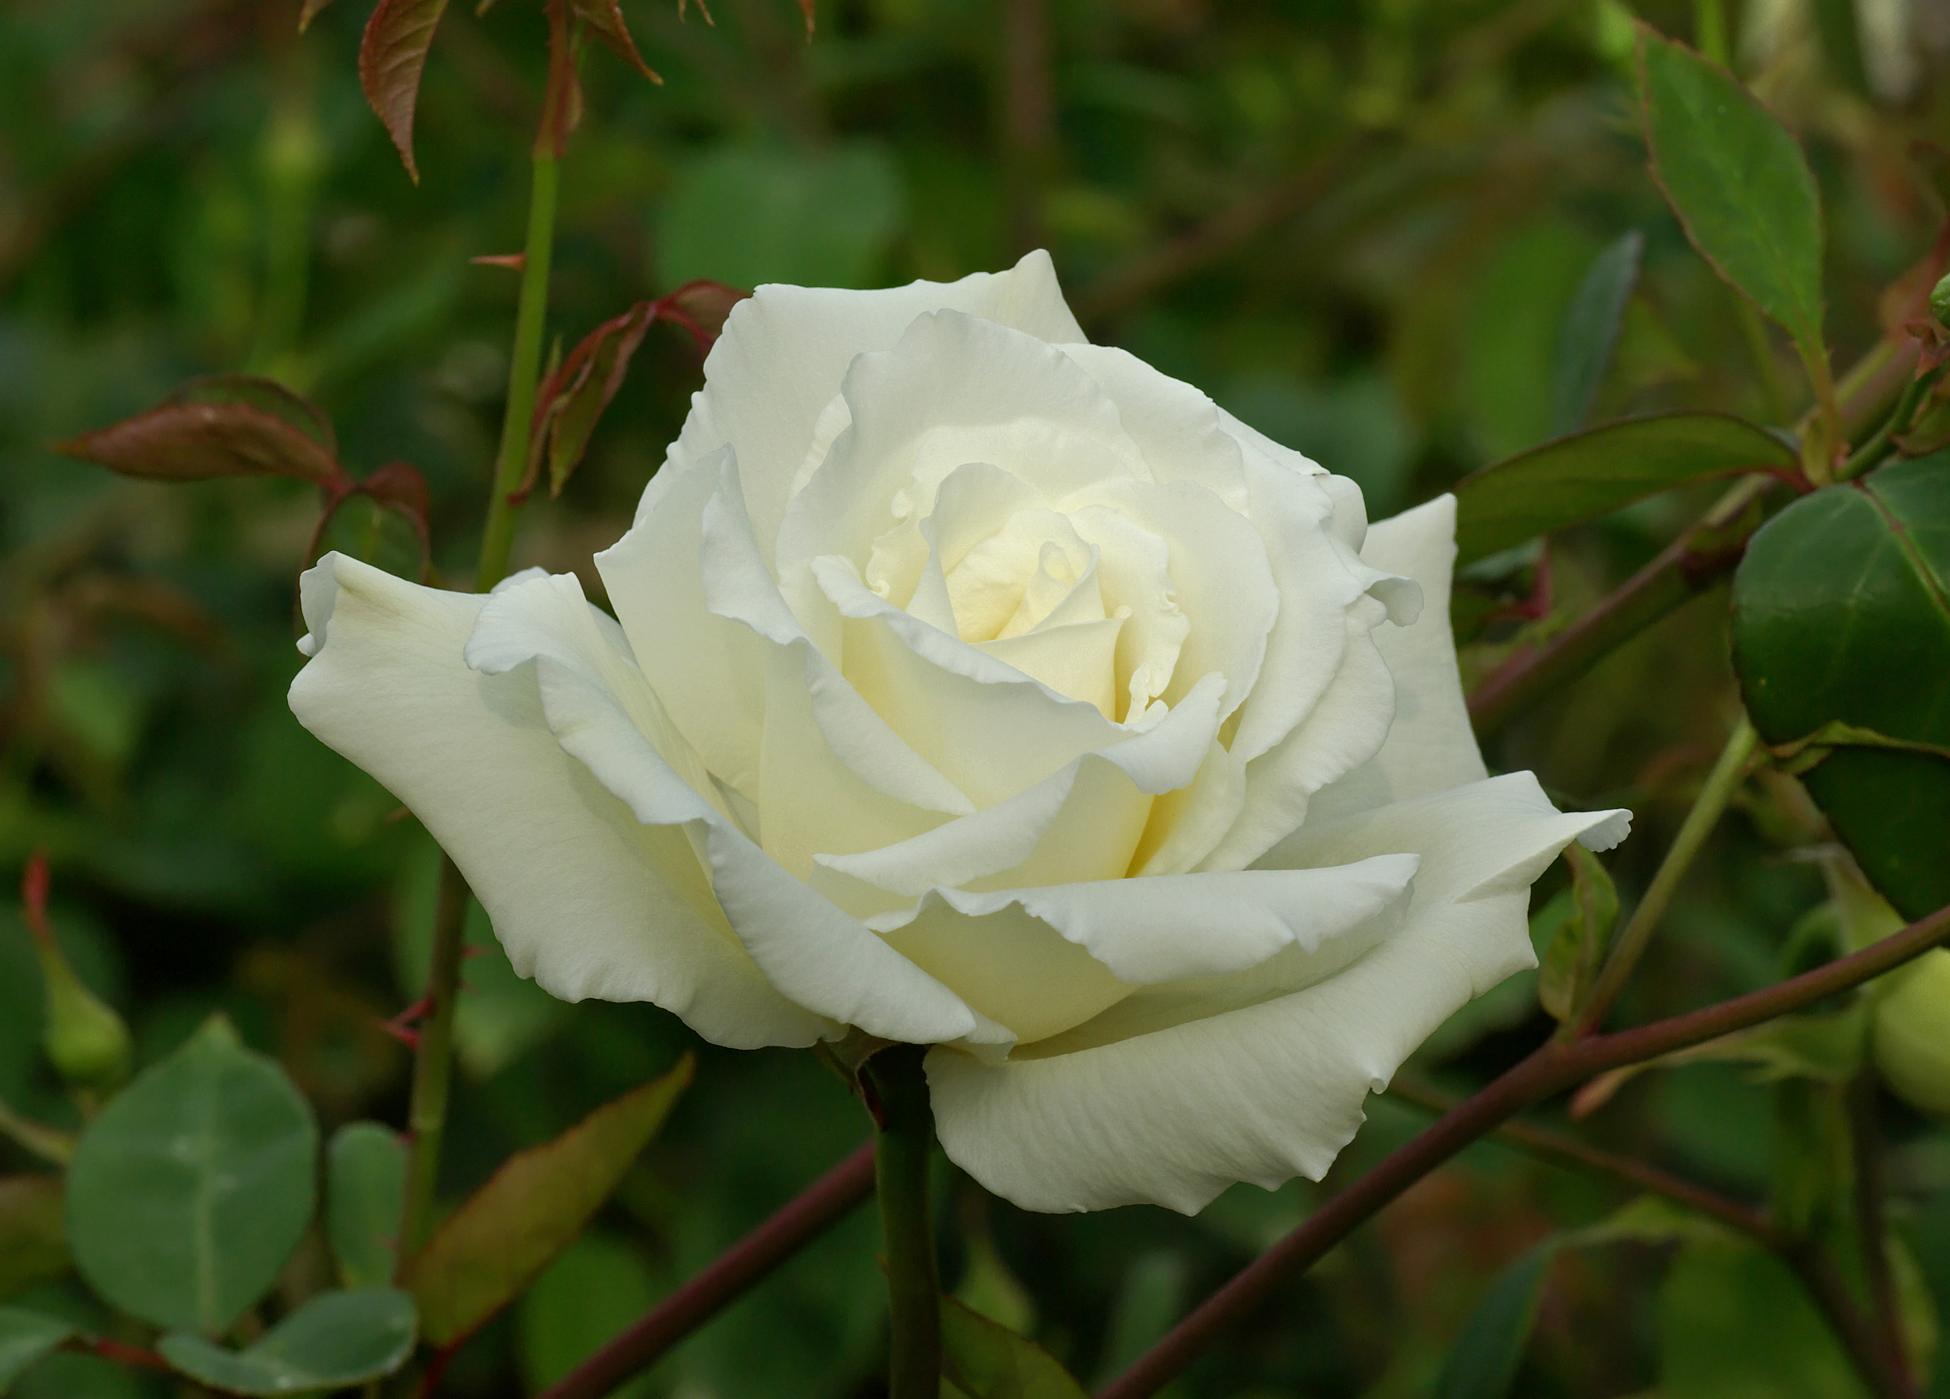 White Rose Like Flower 25 Free Hd Wallpaper Hdflowerwallpaper